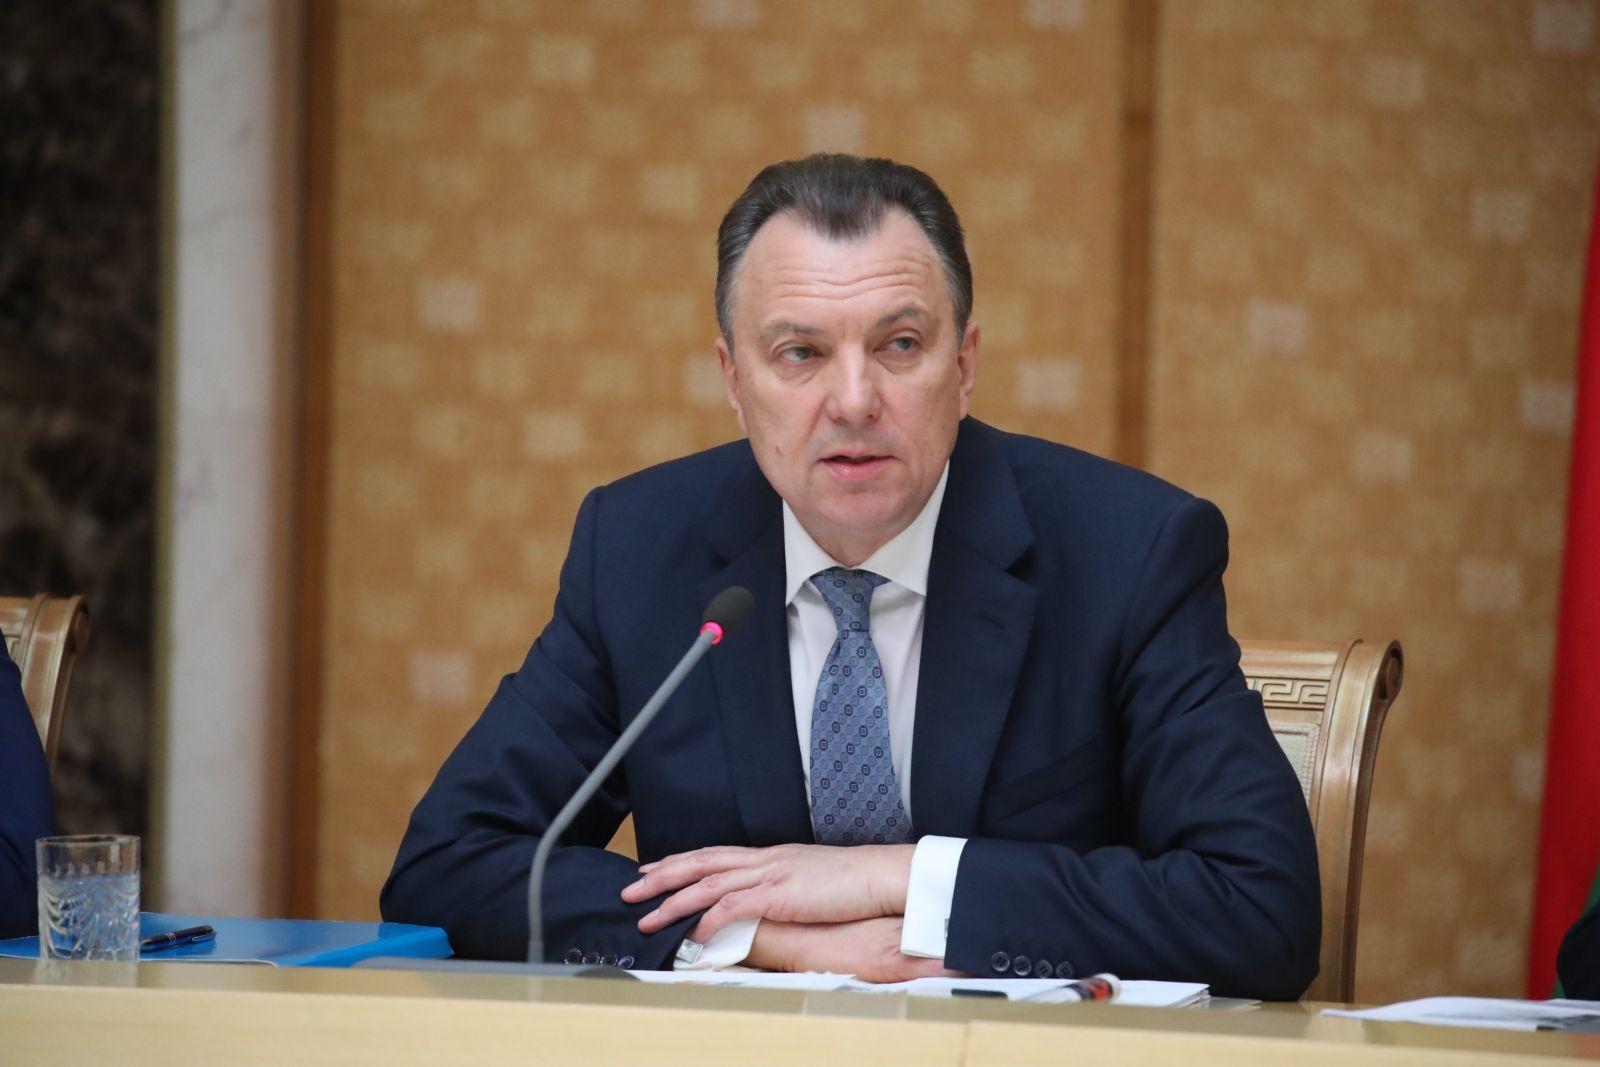 Состоялась онлайн-встреча «Беларусь – Литва: торгово-экономическое сотрудничество после пандемии» 3